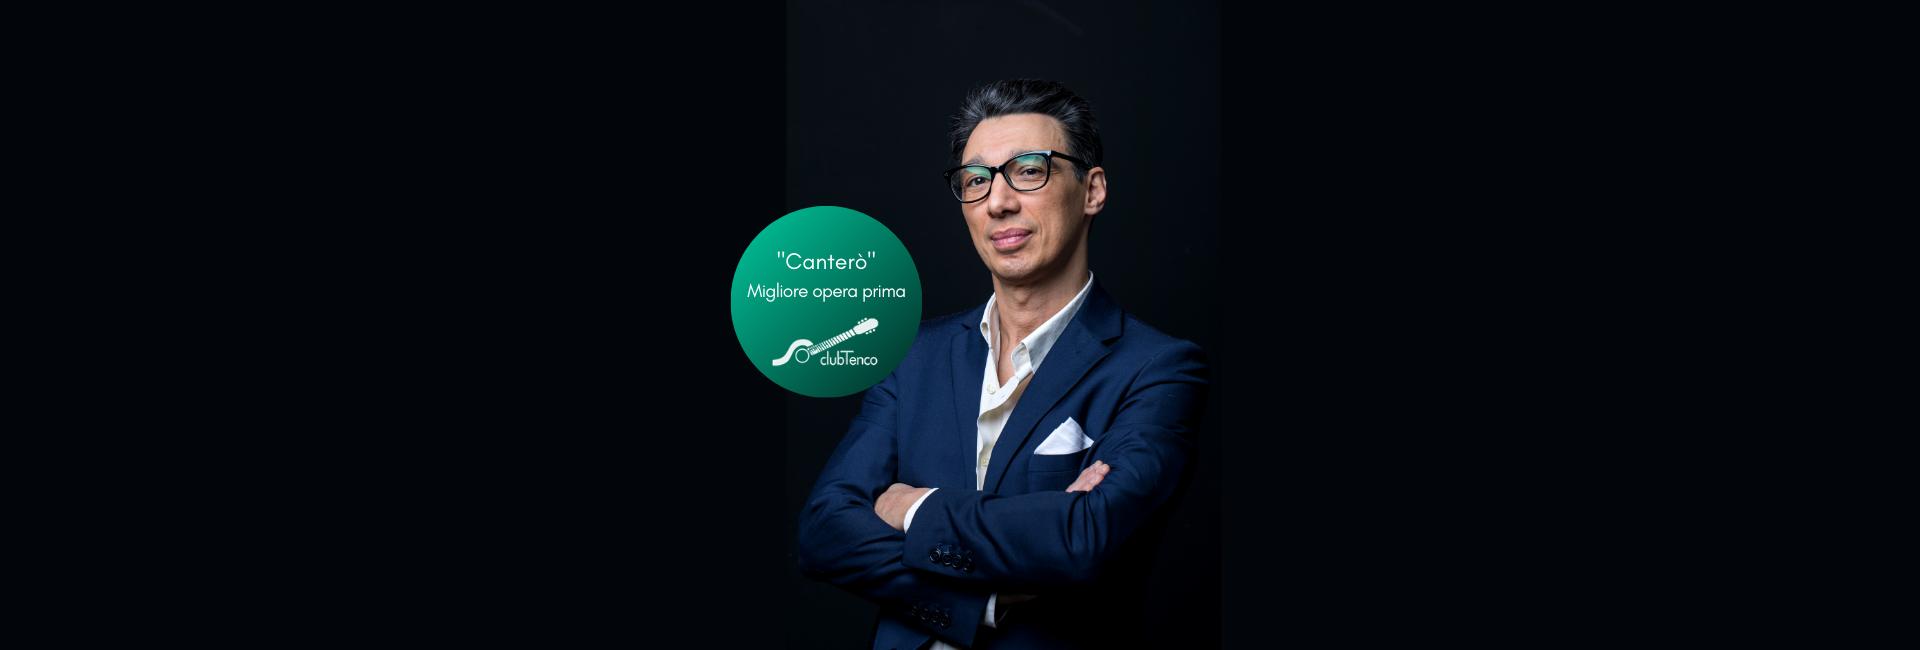 """""""Canterò"""" di Paolo Jannacci vince la targa Tenco """"Migliore Opera Prima"""""""